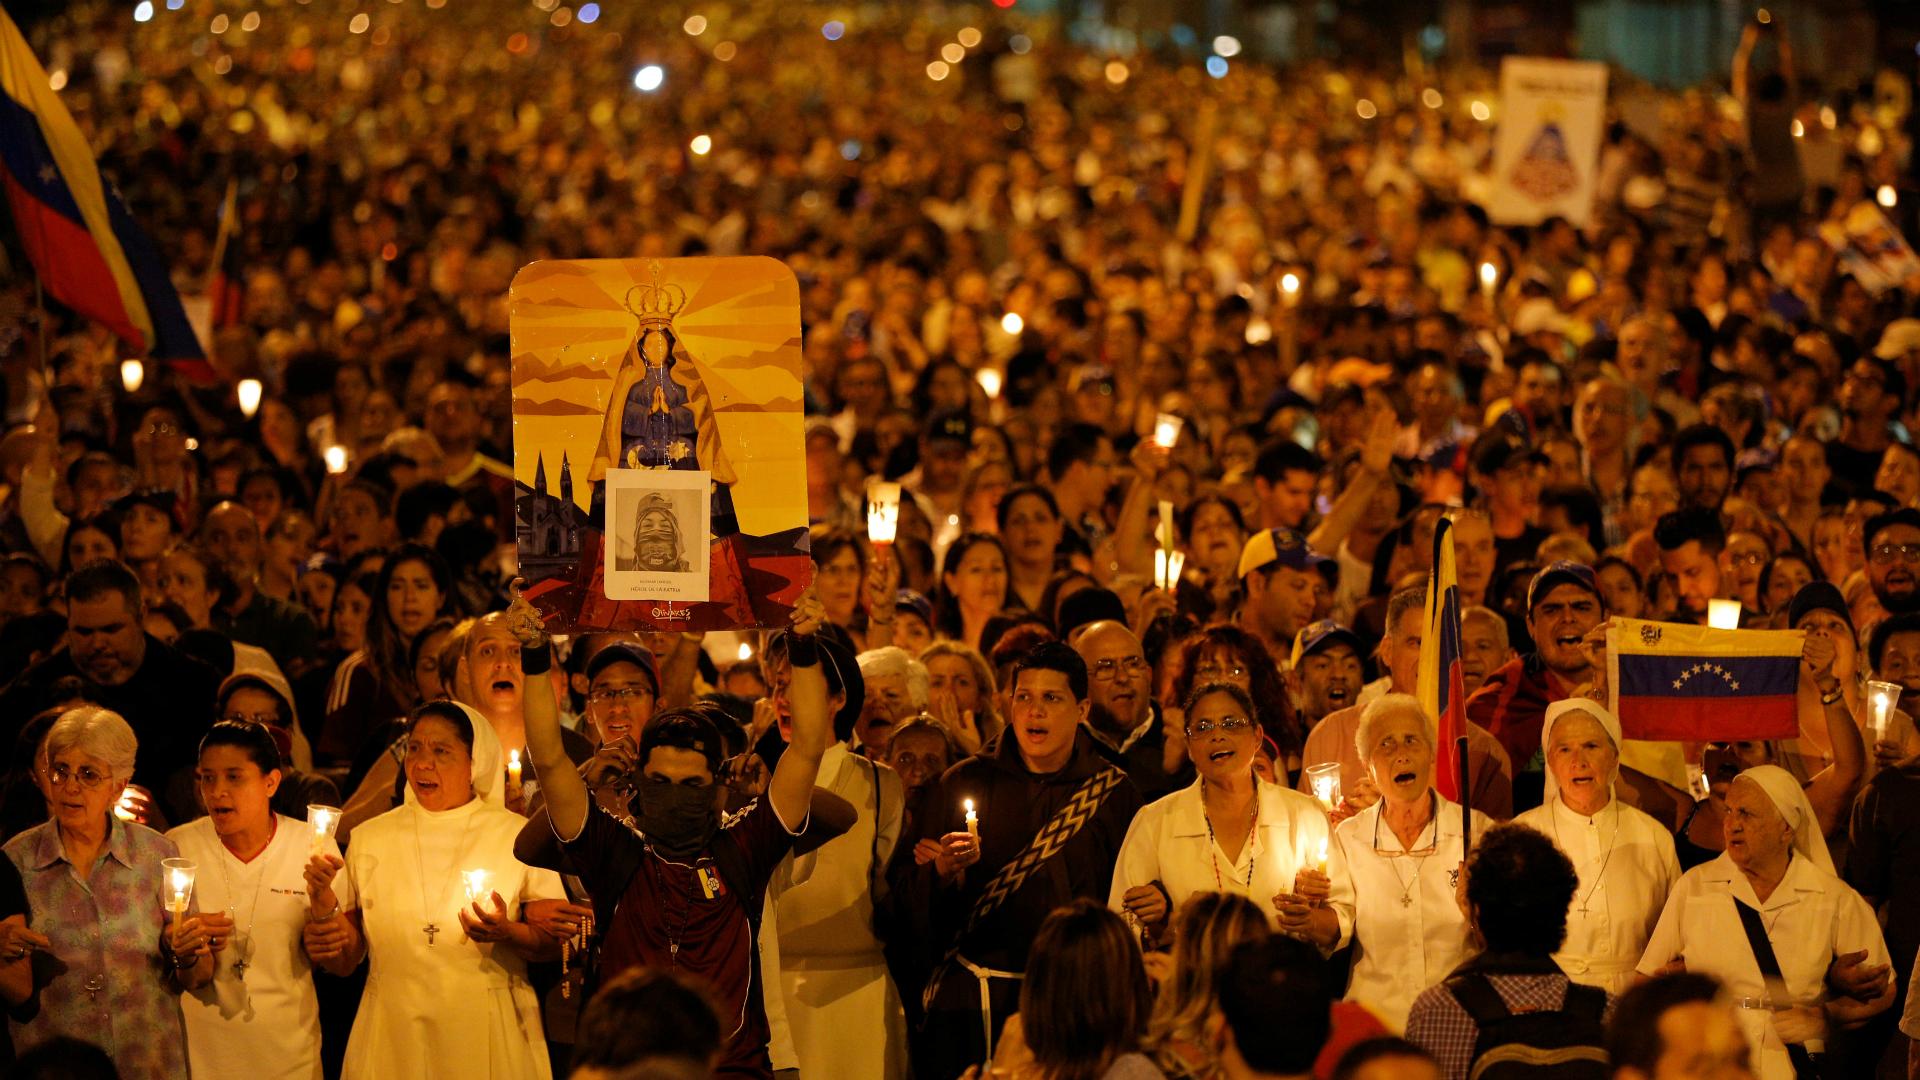 Miles de personas recordaron al joven que murió a manos de la represión chavista